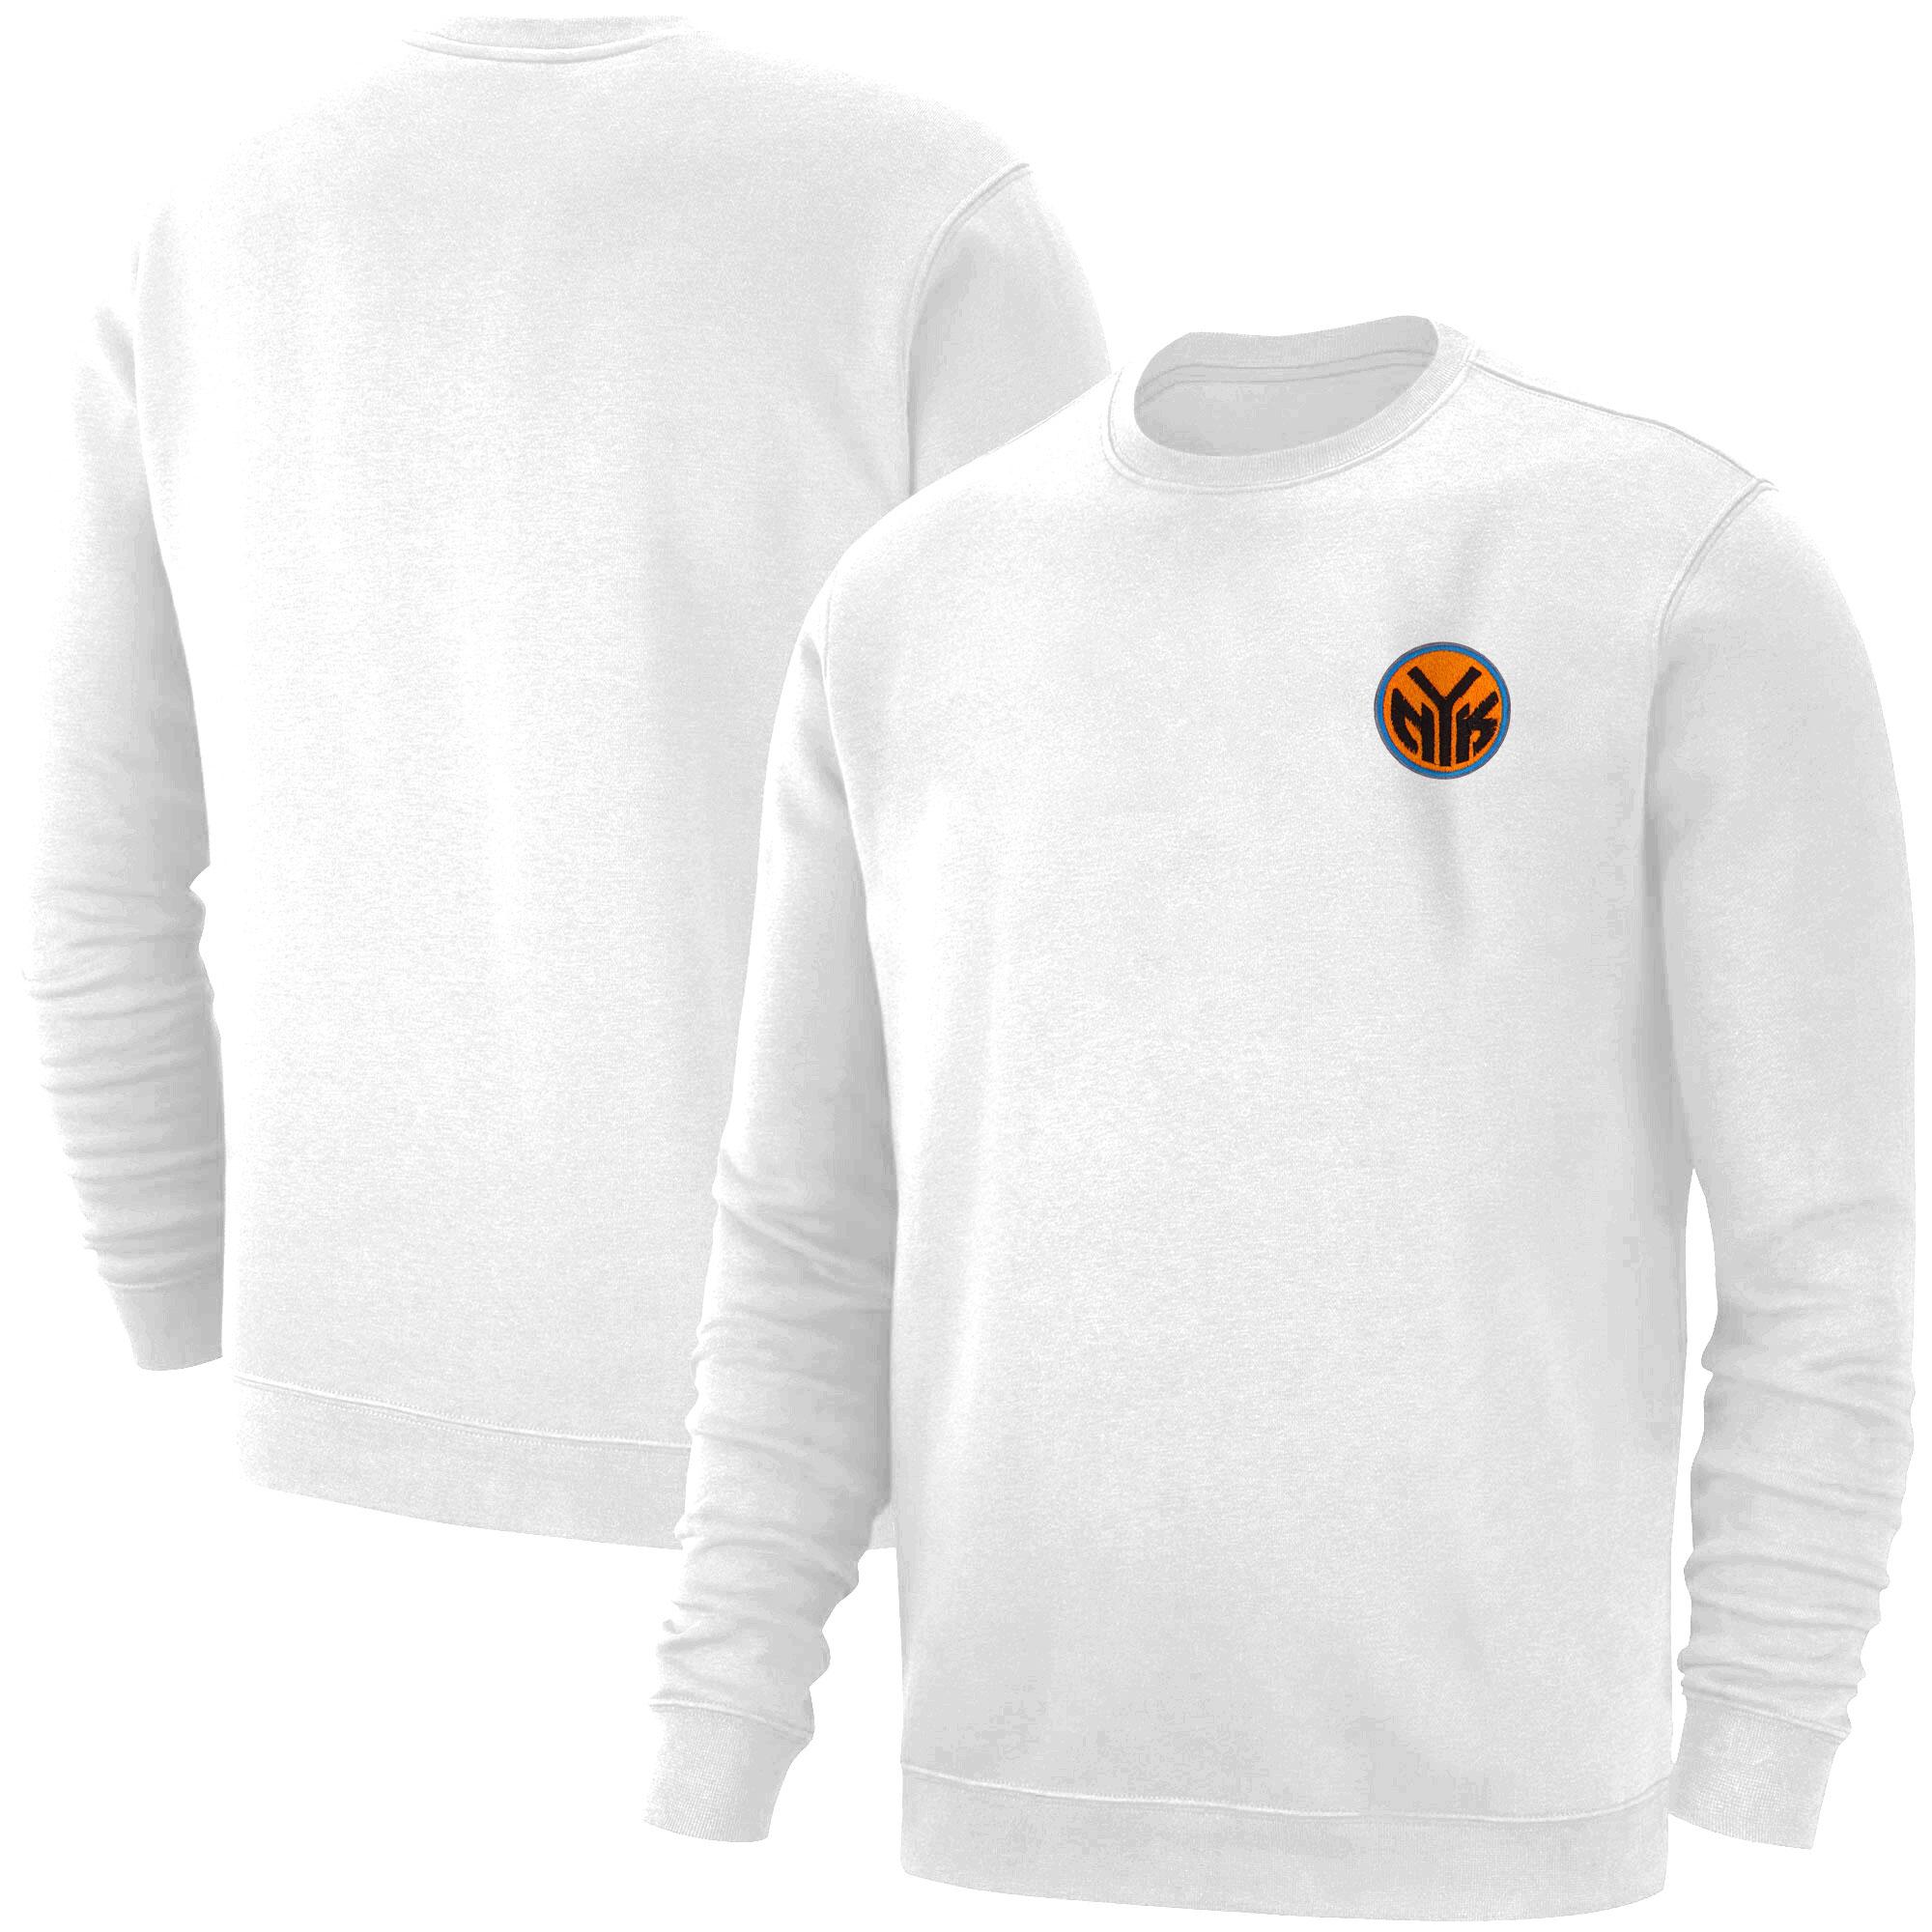 New York Knicks Basic (Örme)  (BSC-BLU-EMBR-NY.KNICKS)